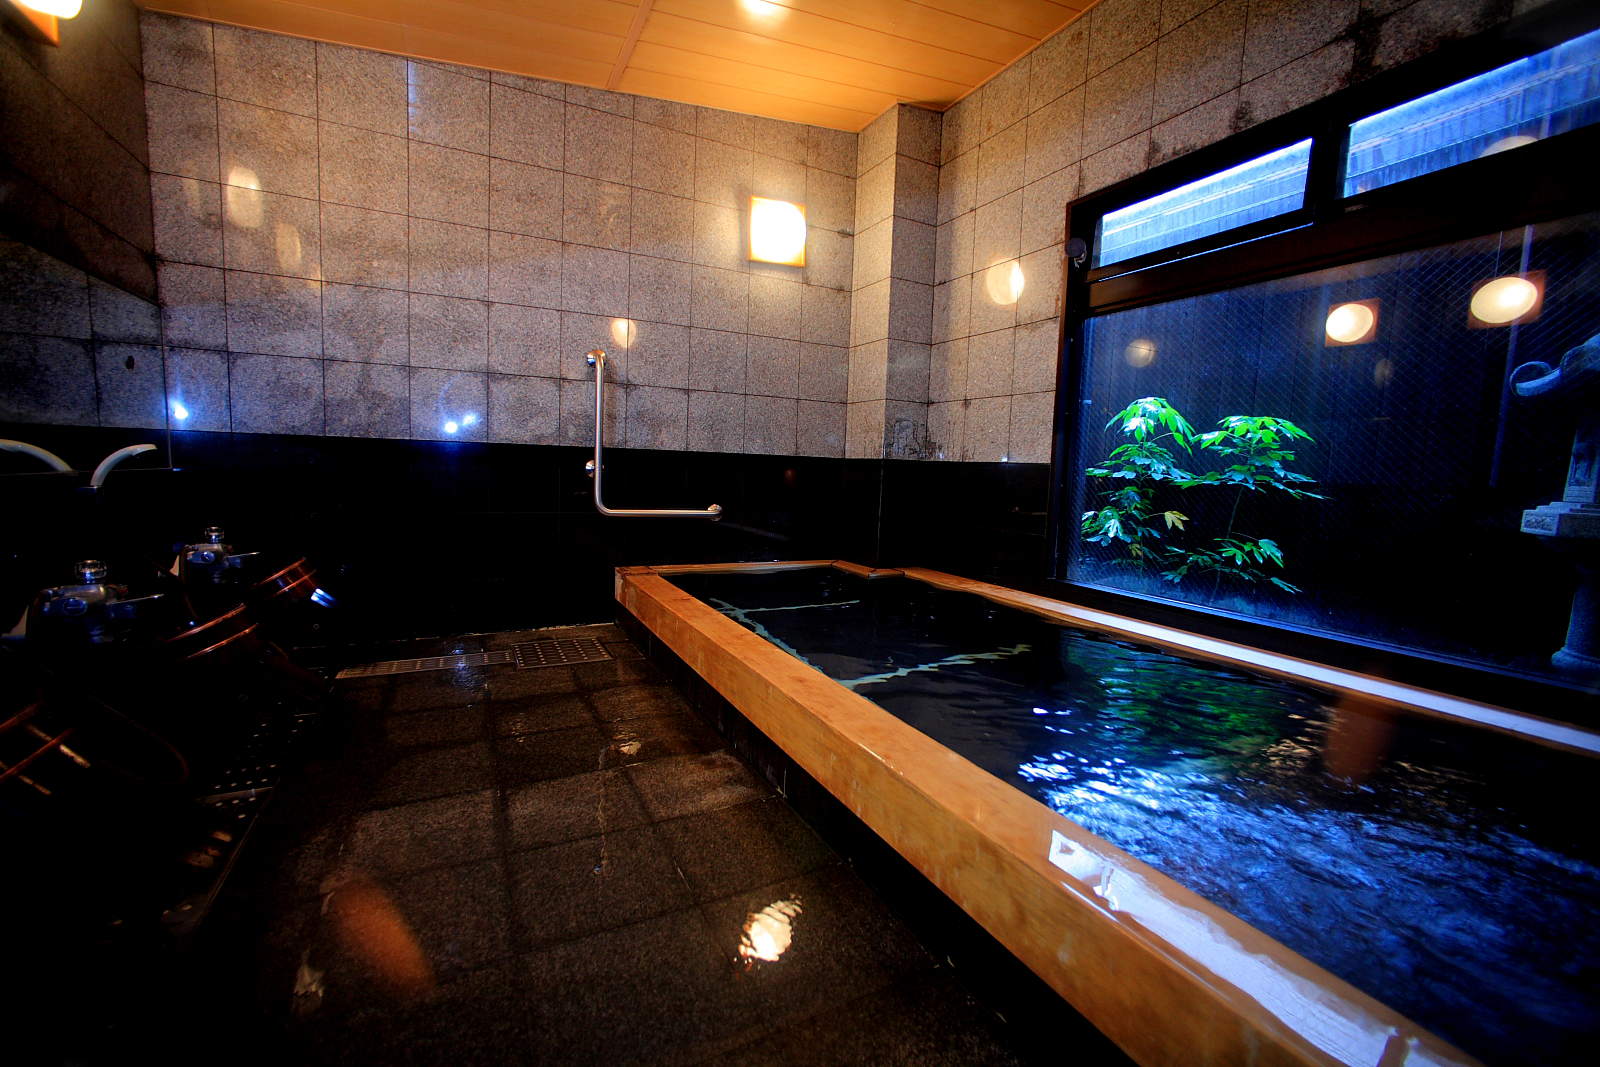 Luxury bathroom design ideas wonderful for Amazing master bathroom designs